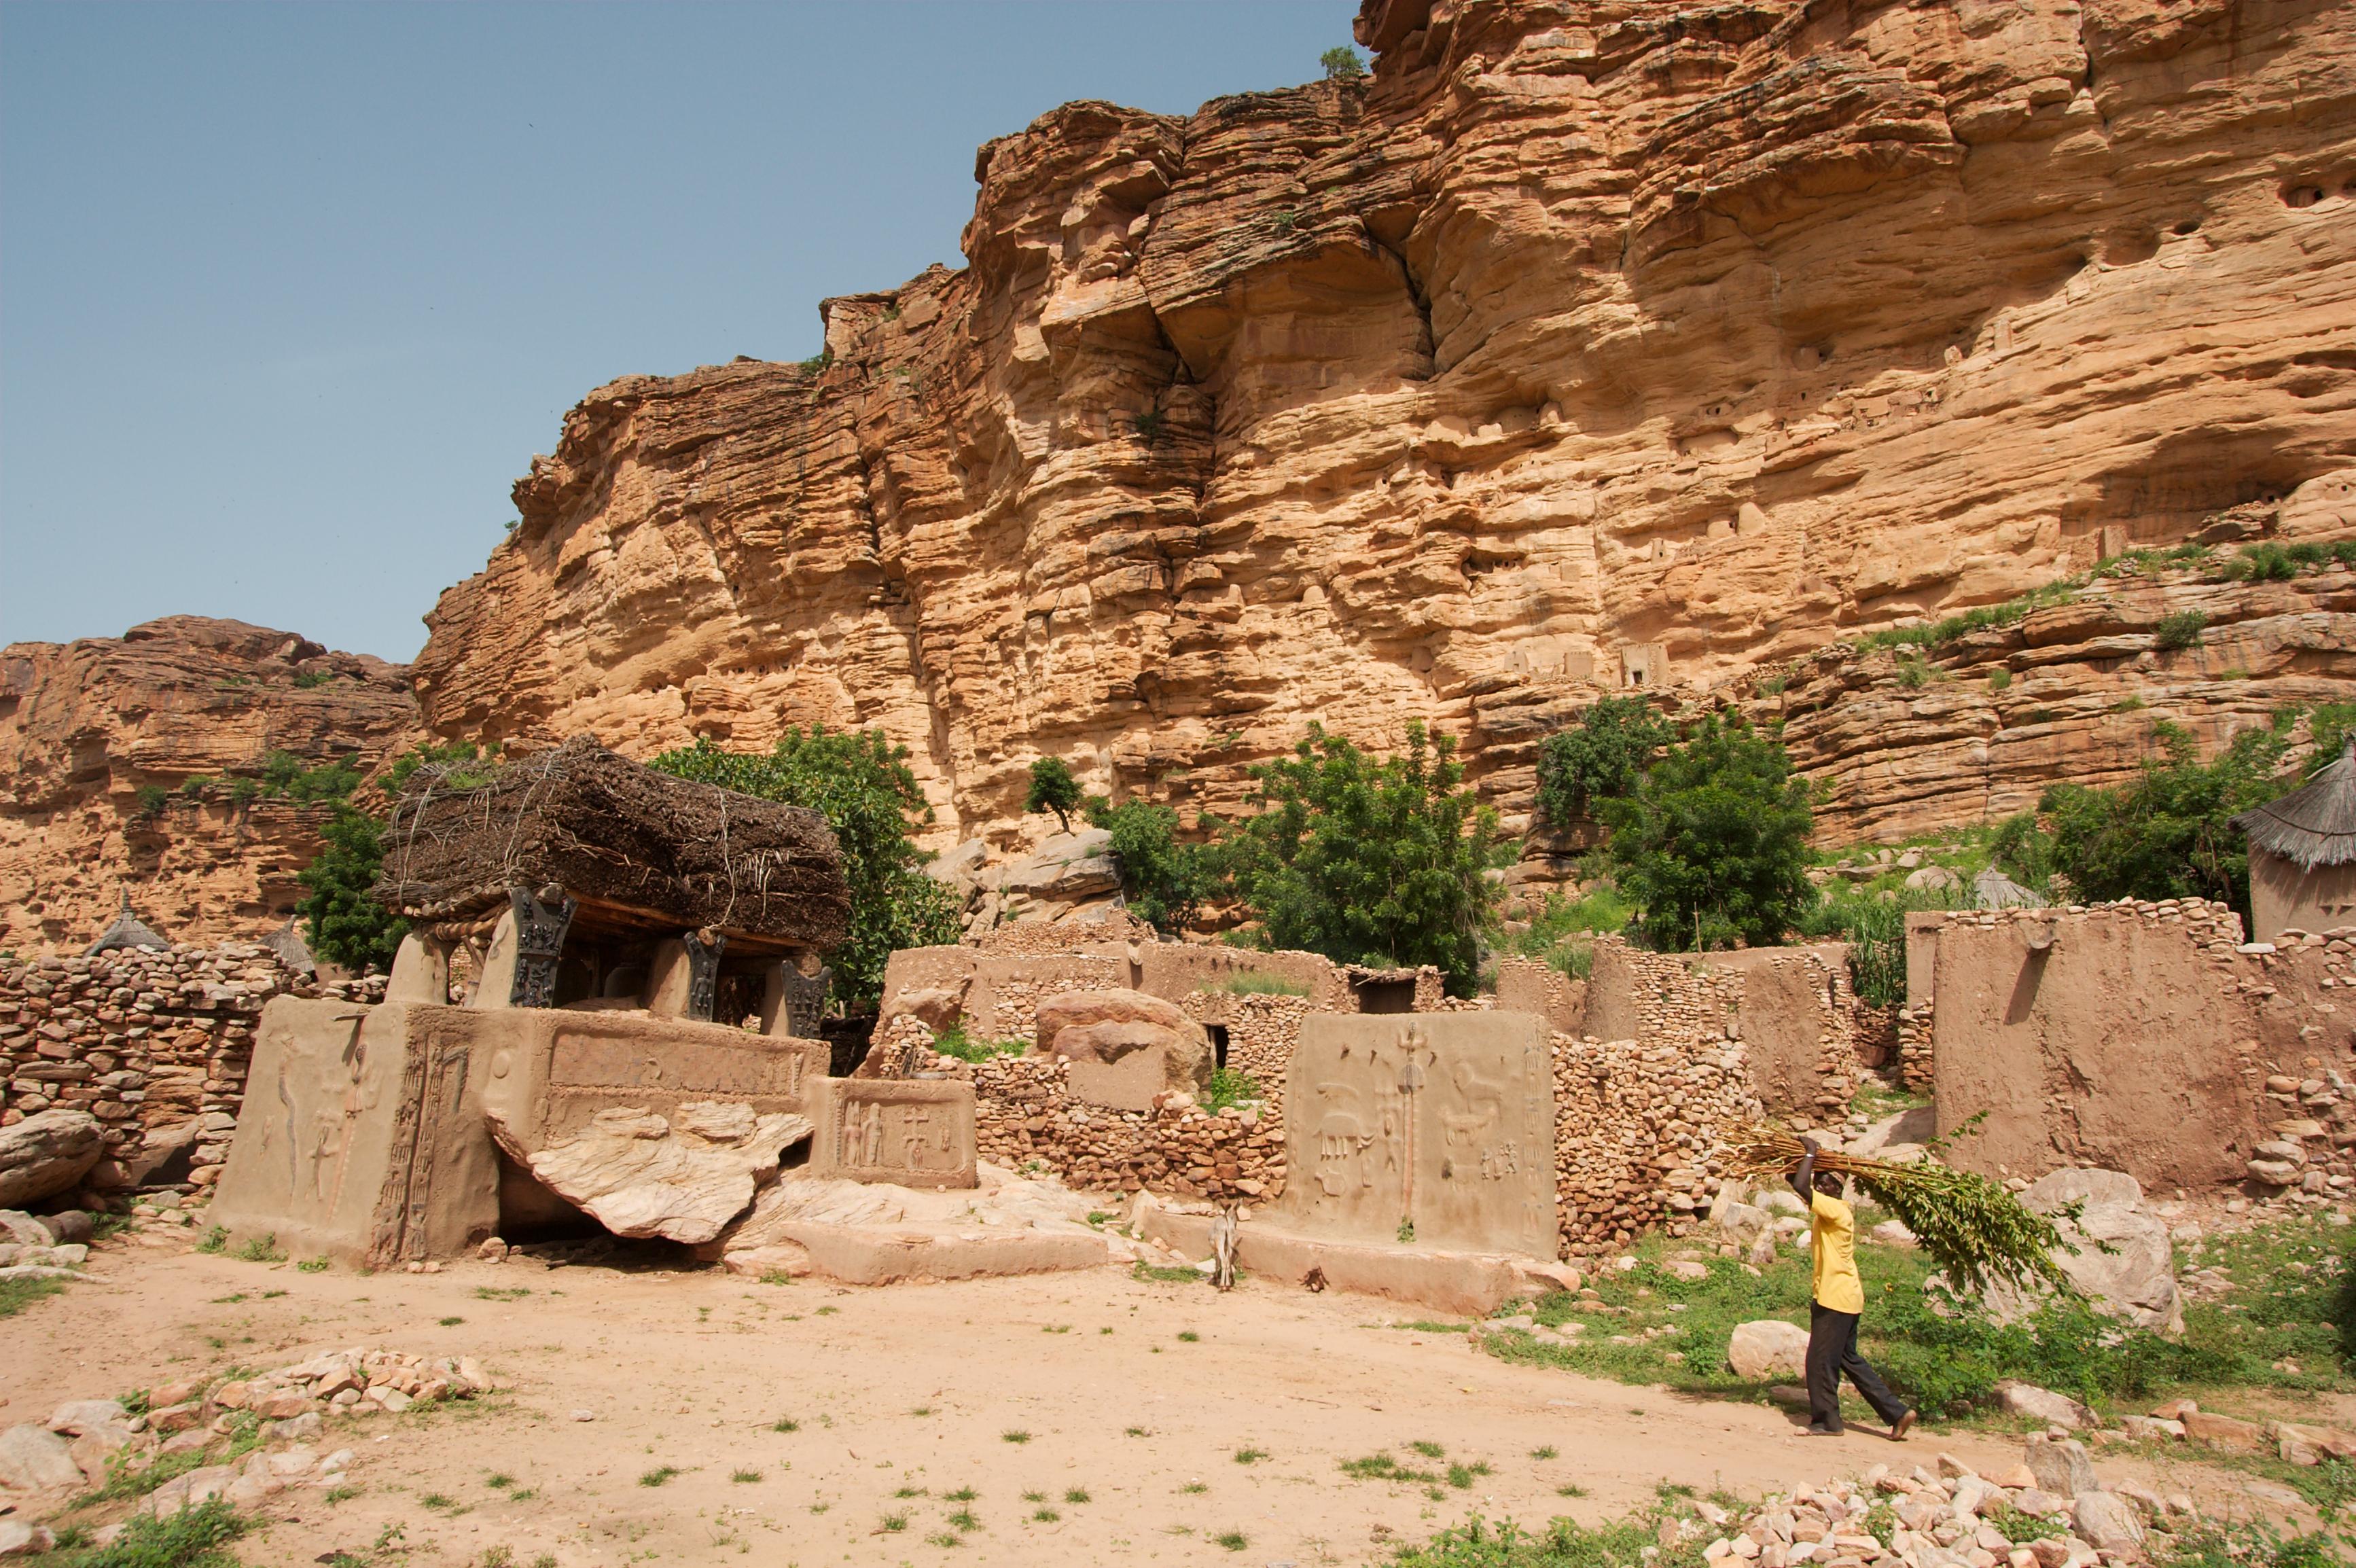 Tellem, Mali